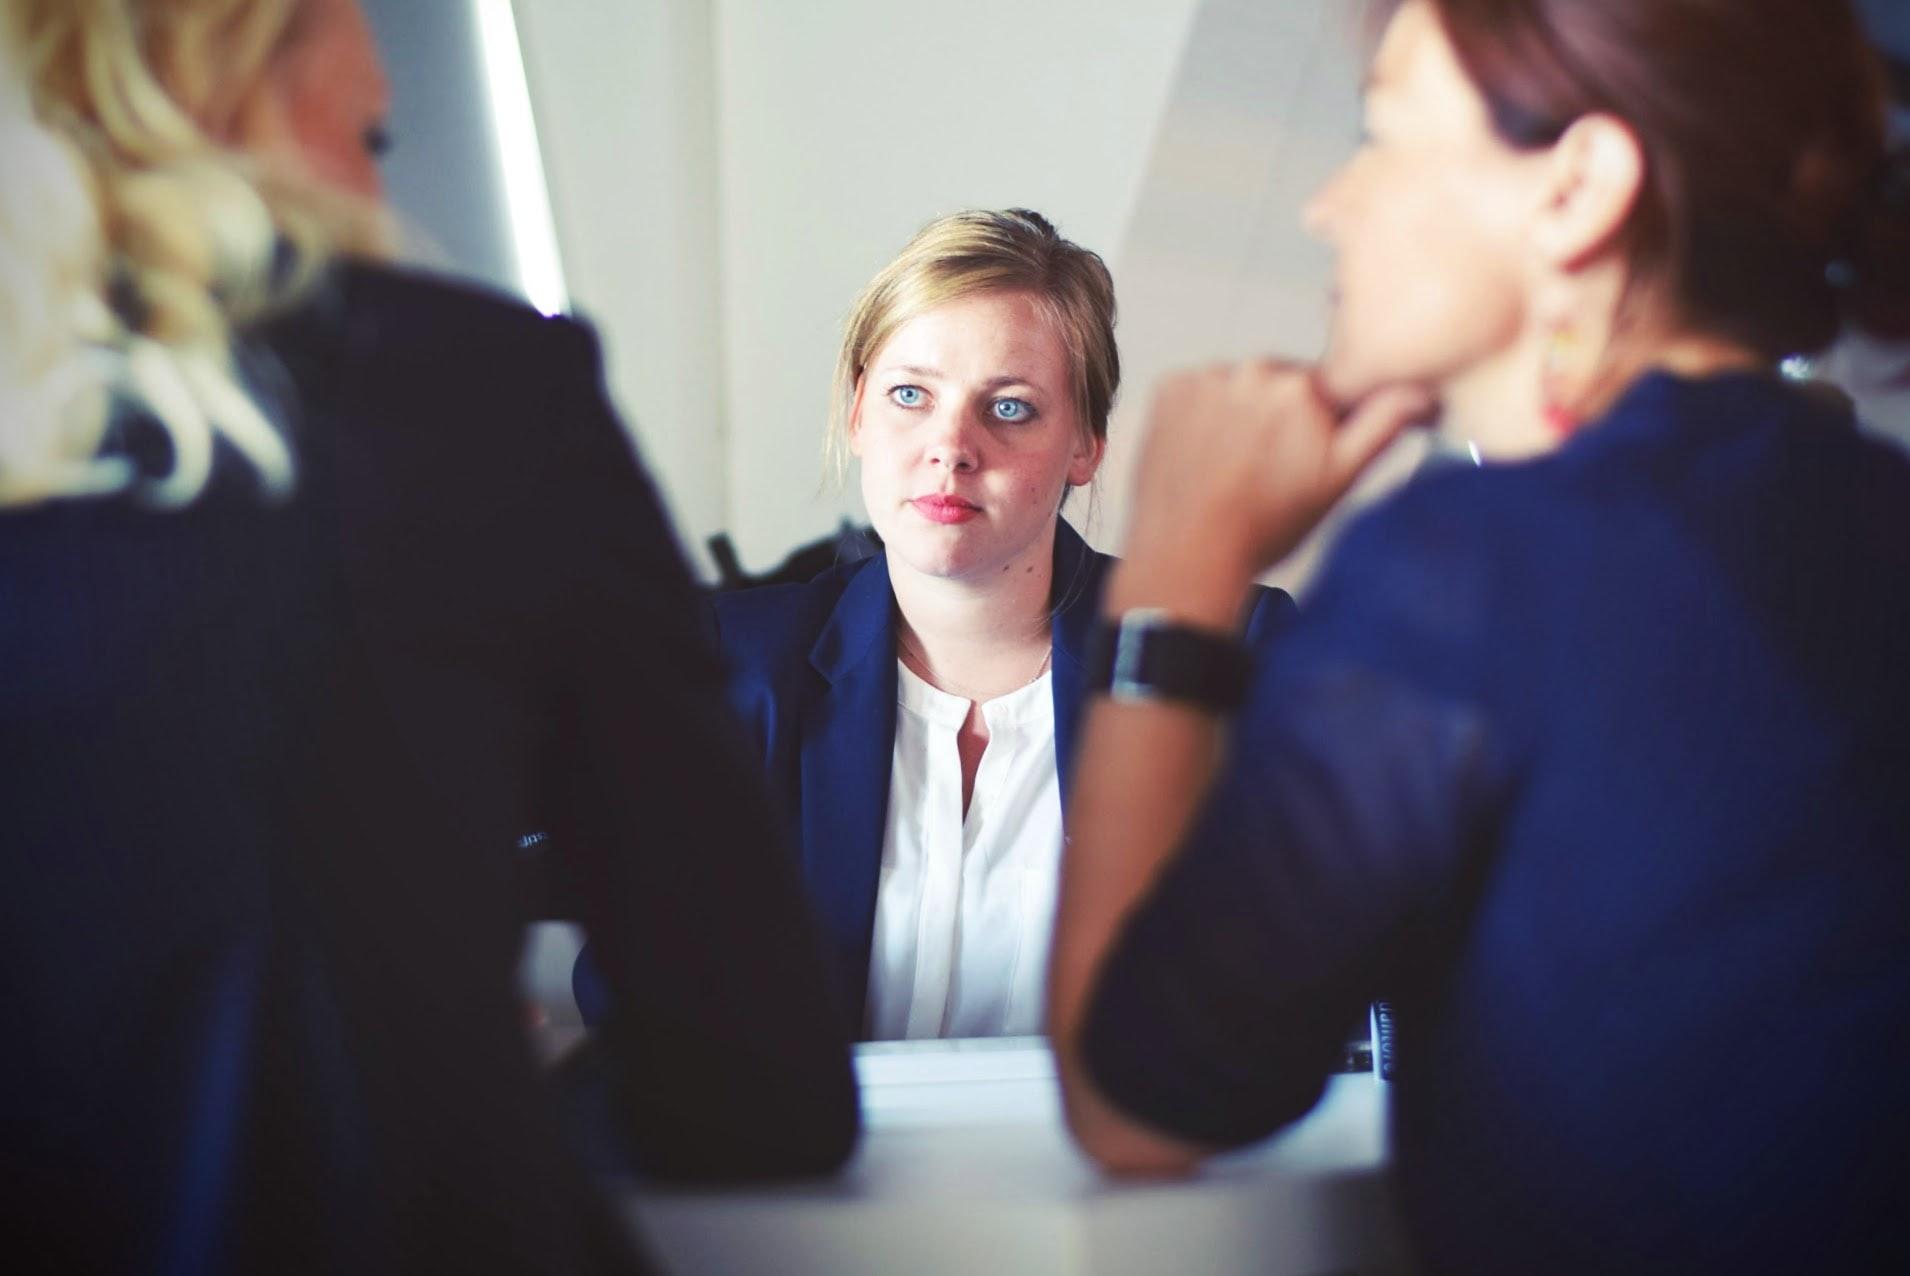 S. r. o. pro účely účasti ve výběrovém řízení